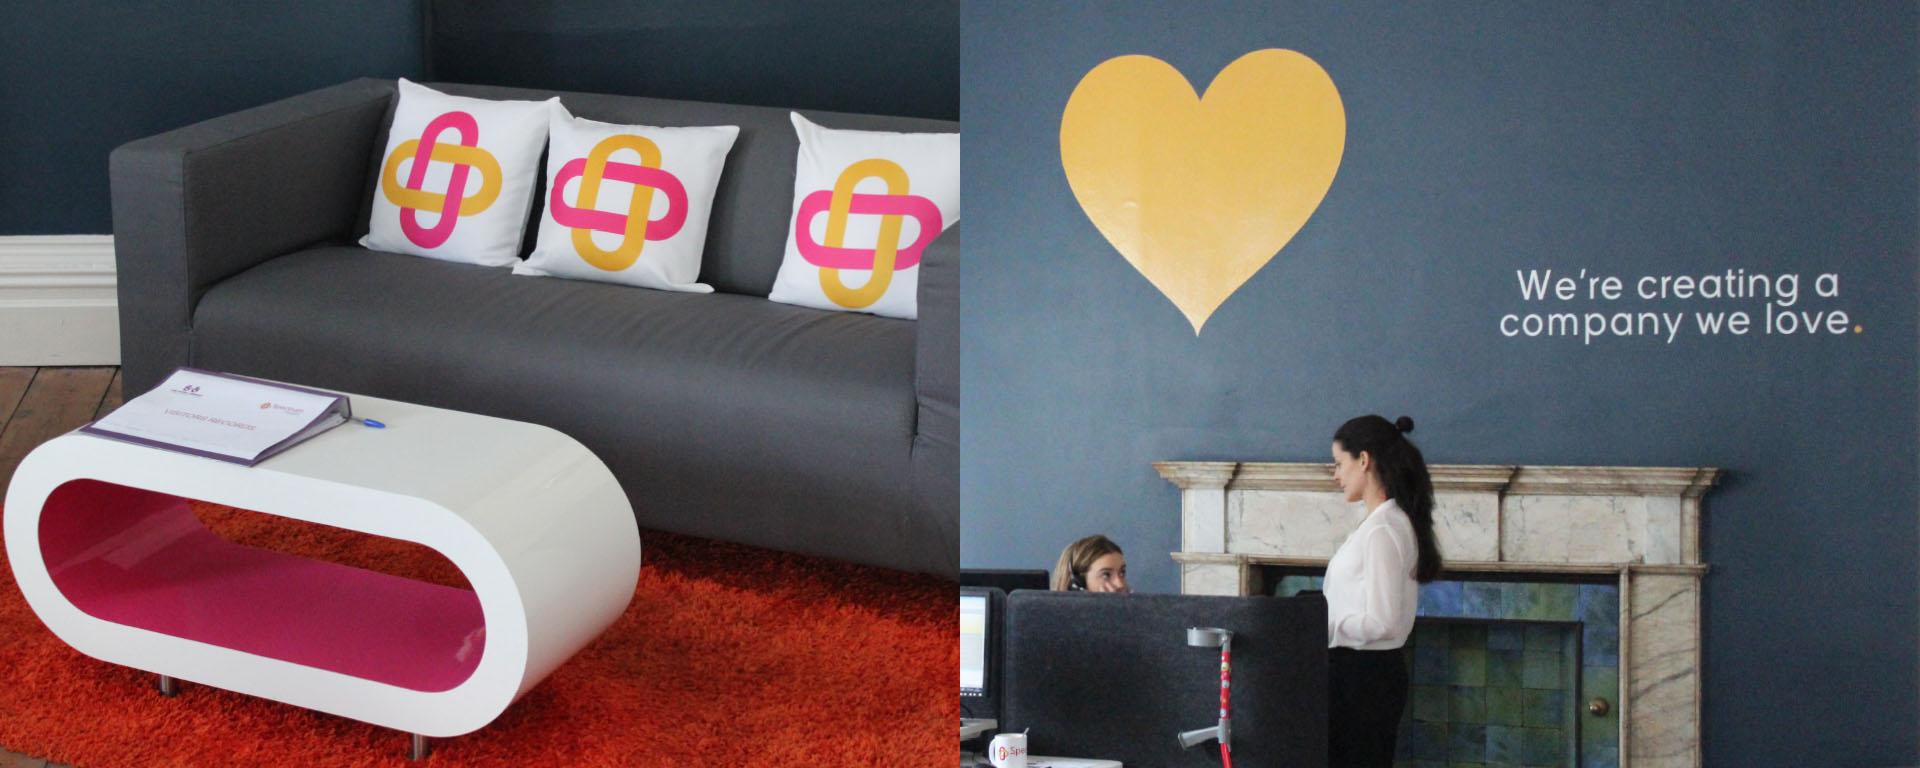 Spectrum Health Dublin Branding Design. Brand integration.